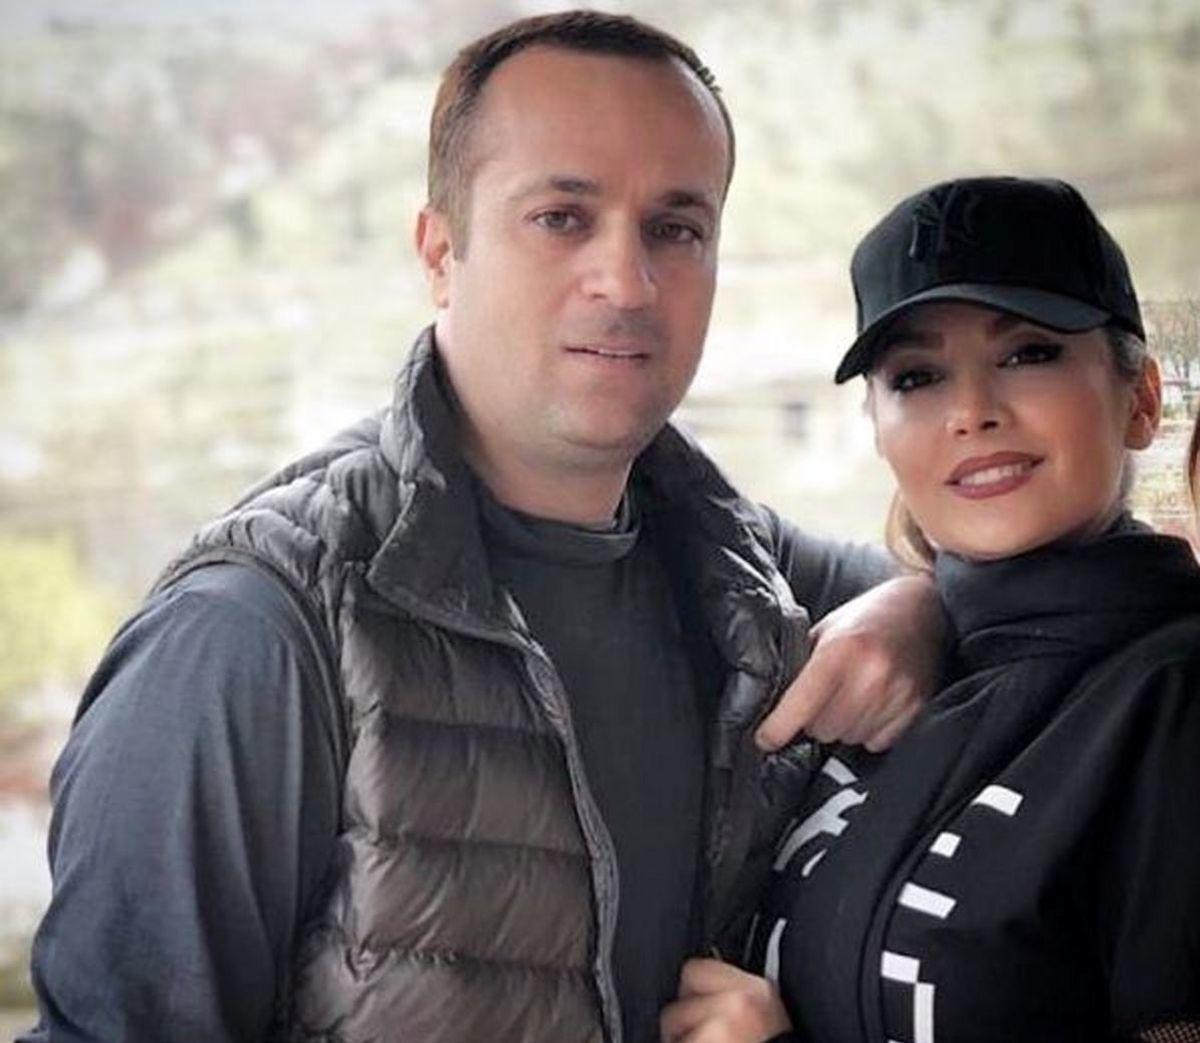 غیرتی شدن ارسطو سریال پایتخت برای همسرش در ملاعام | عکس احمد مهران فر و همسر مدلش